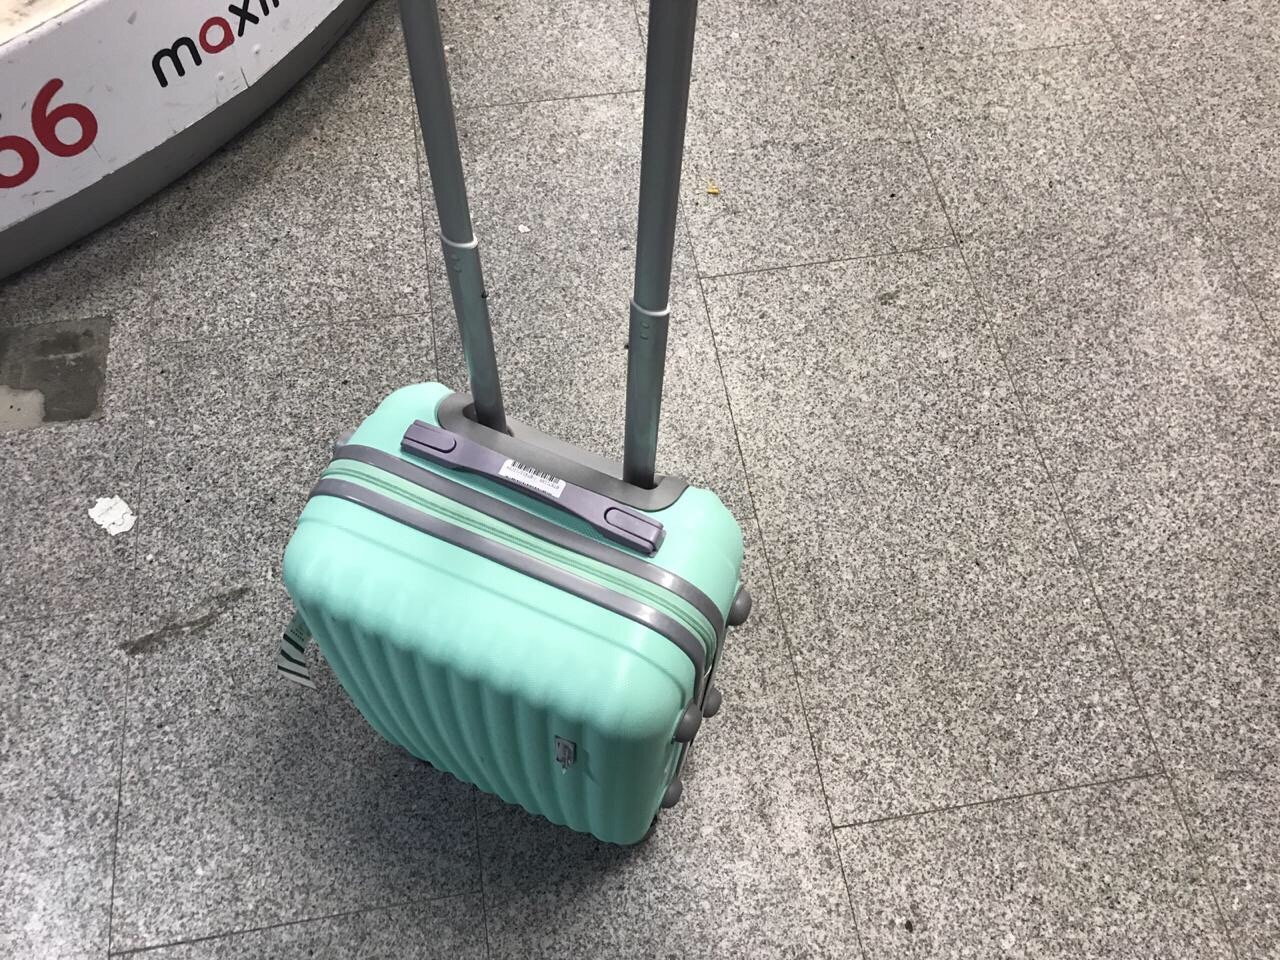 Размеры (и вес) ручной клади — самая распространенная проблема, с которой сталкиваются пассажиры. Рюкзак весит на килограмм больше или на два сантиметра в длину шире, чем положено? Готовьтесь к тому, что его придется сдавать в багаж